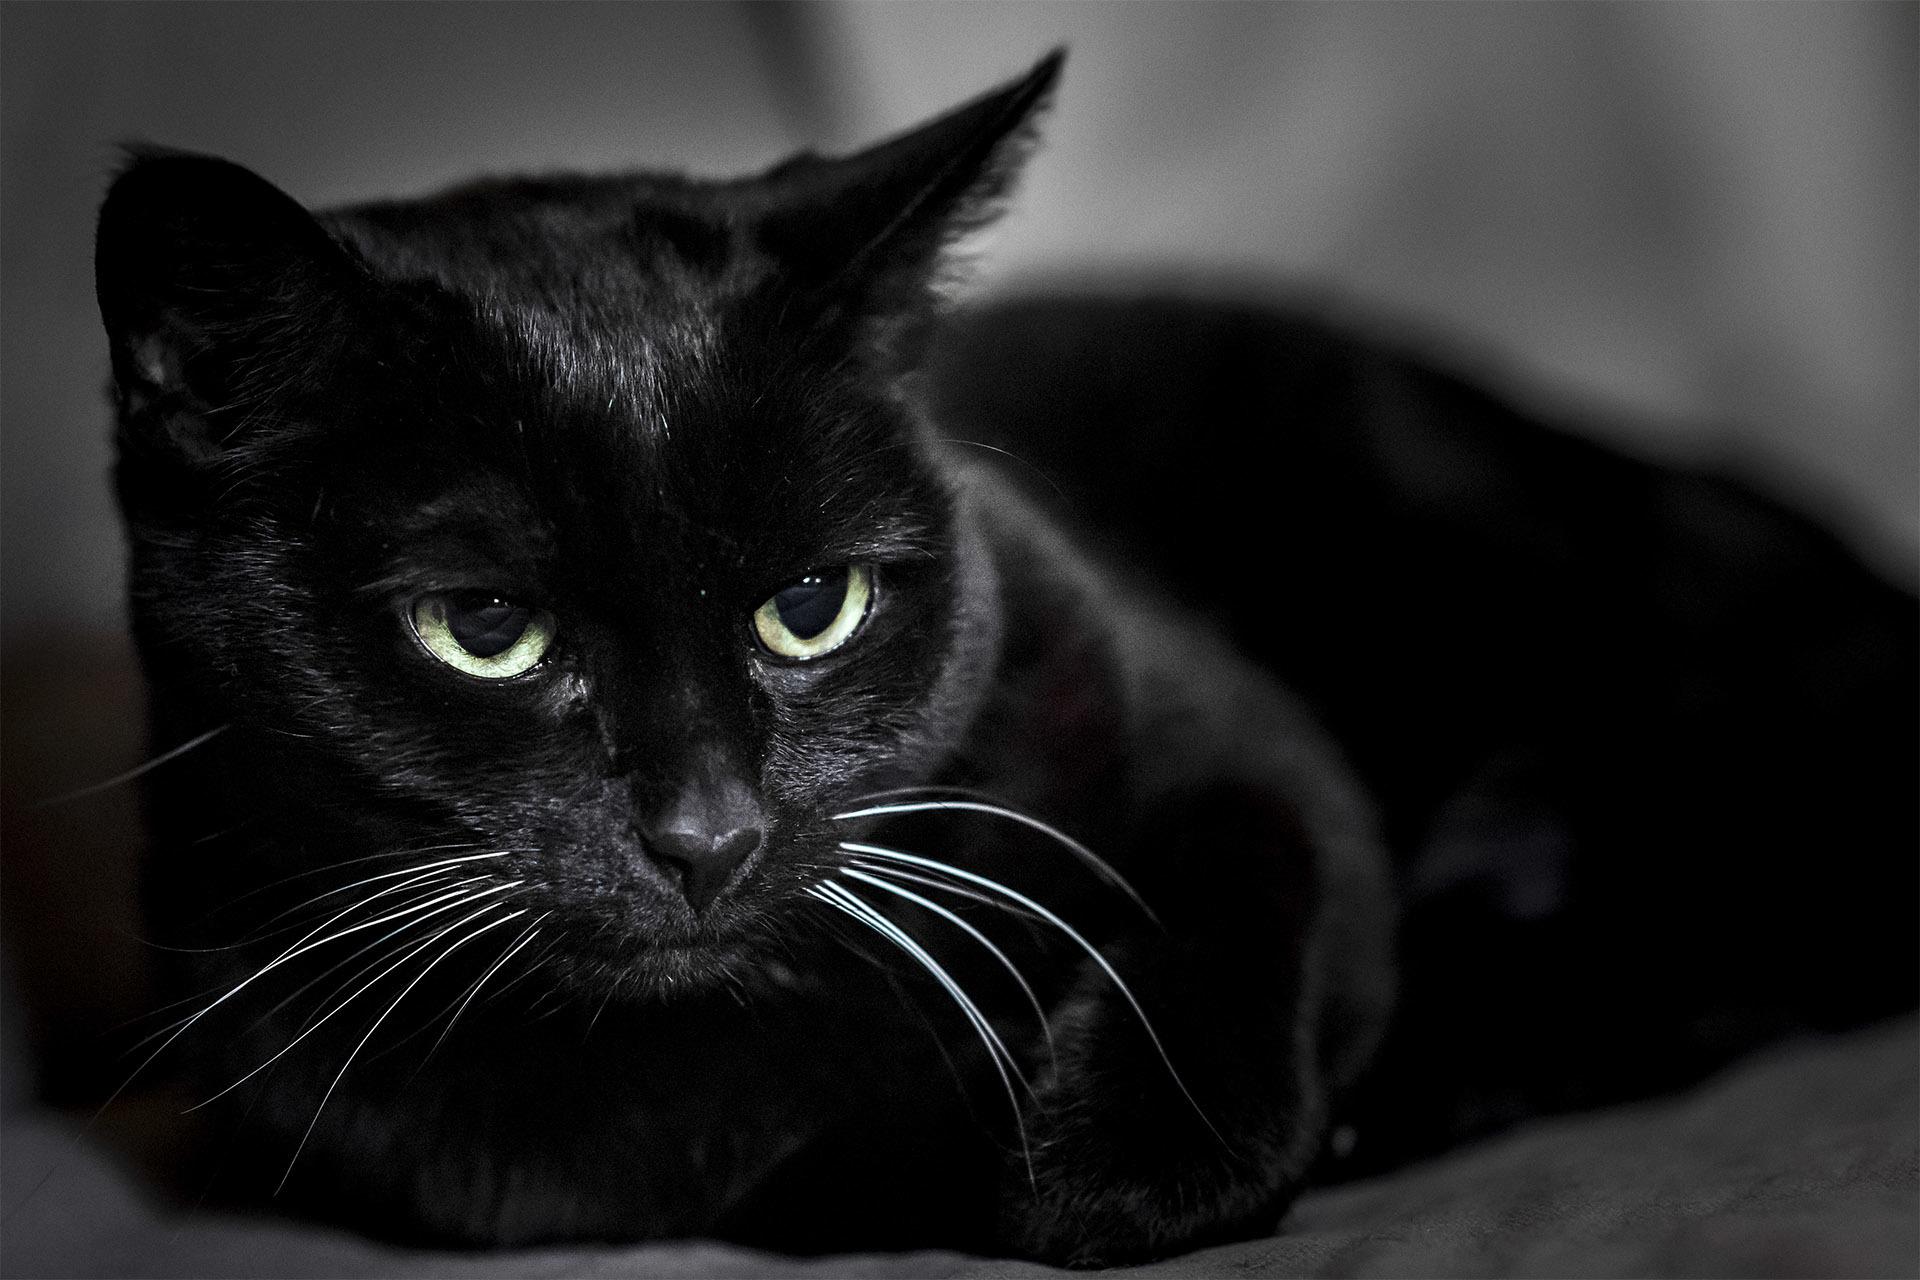 Своими руками, картинка с кошкой черной